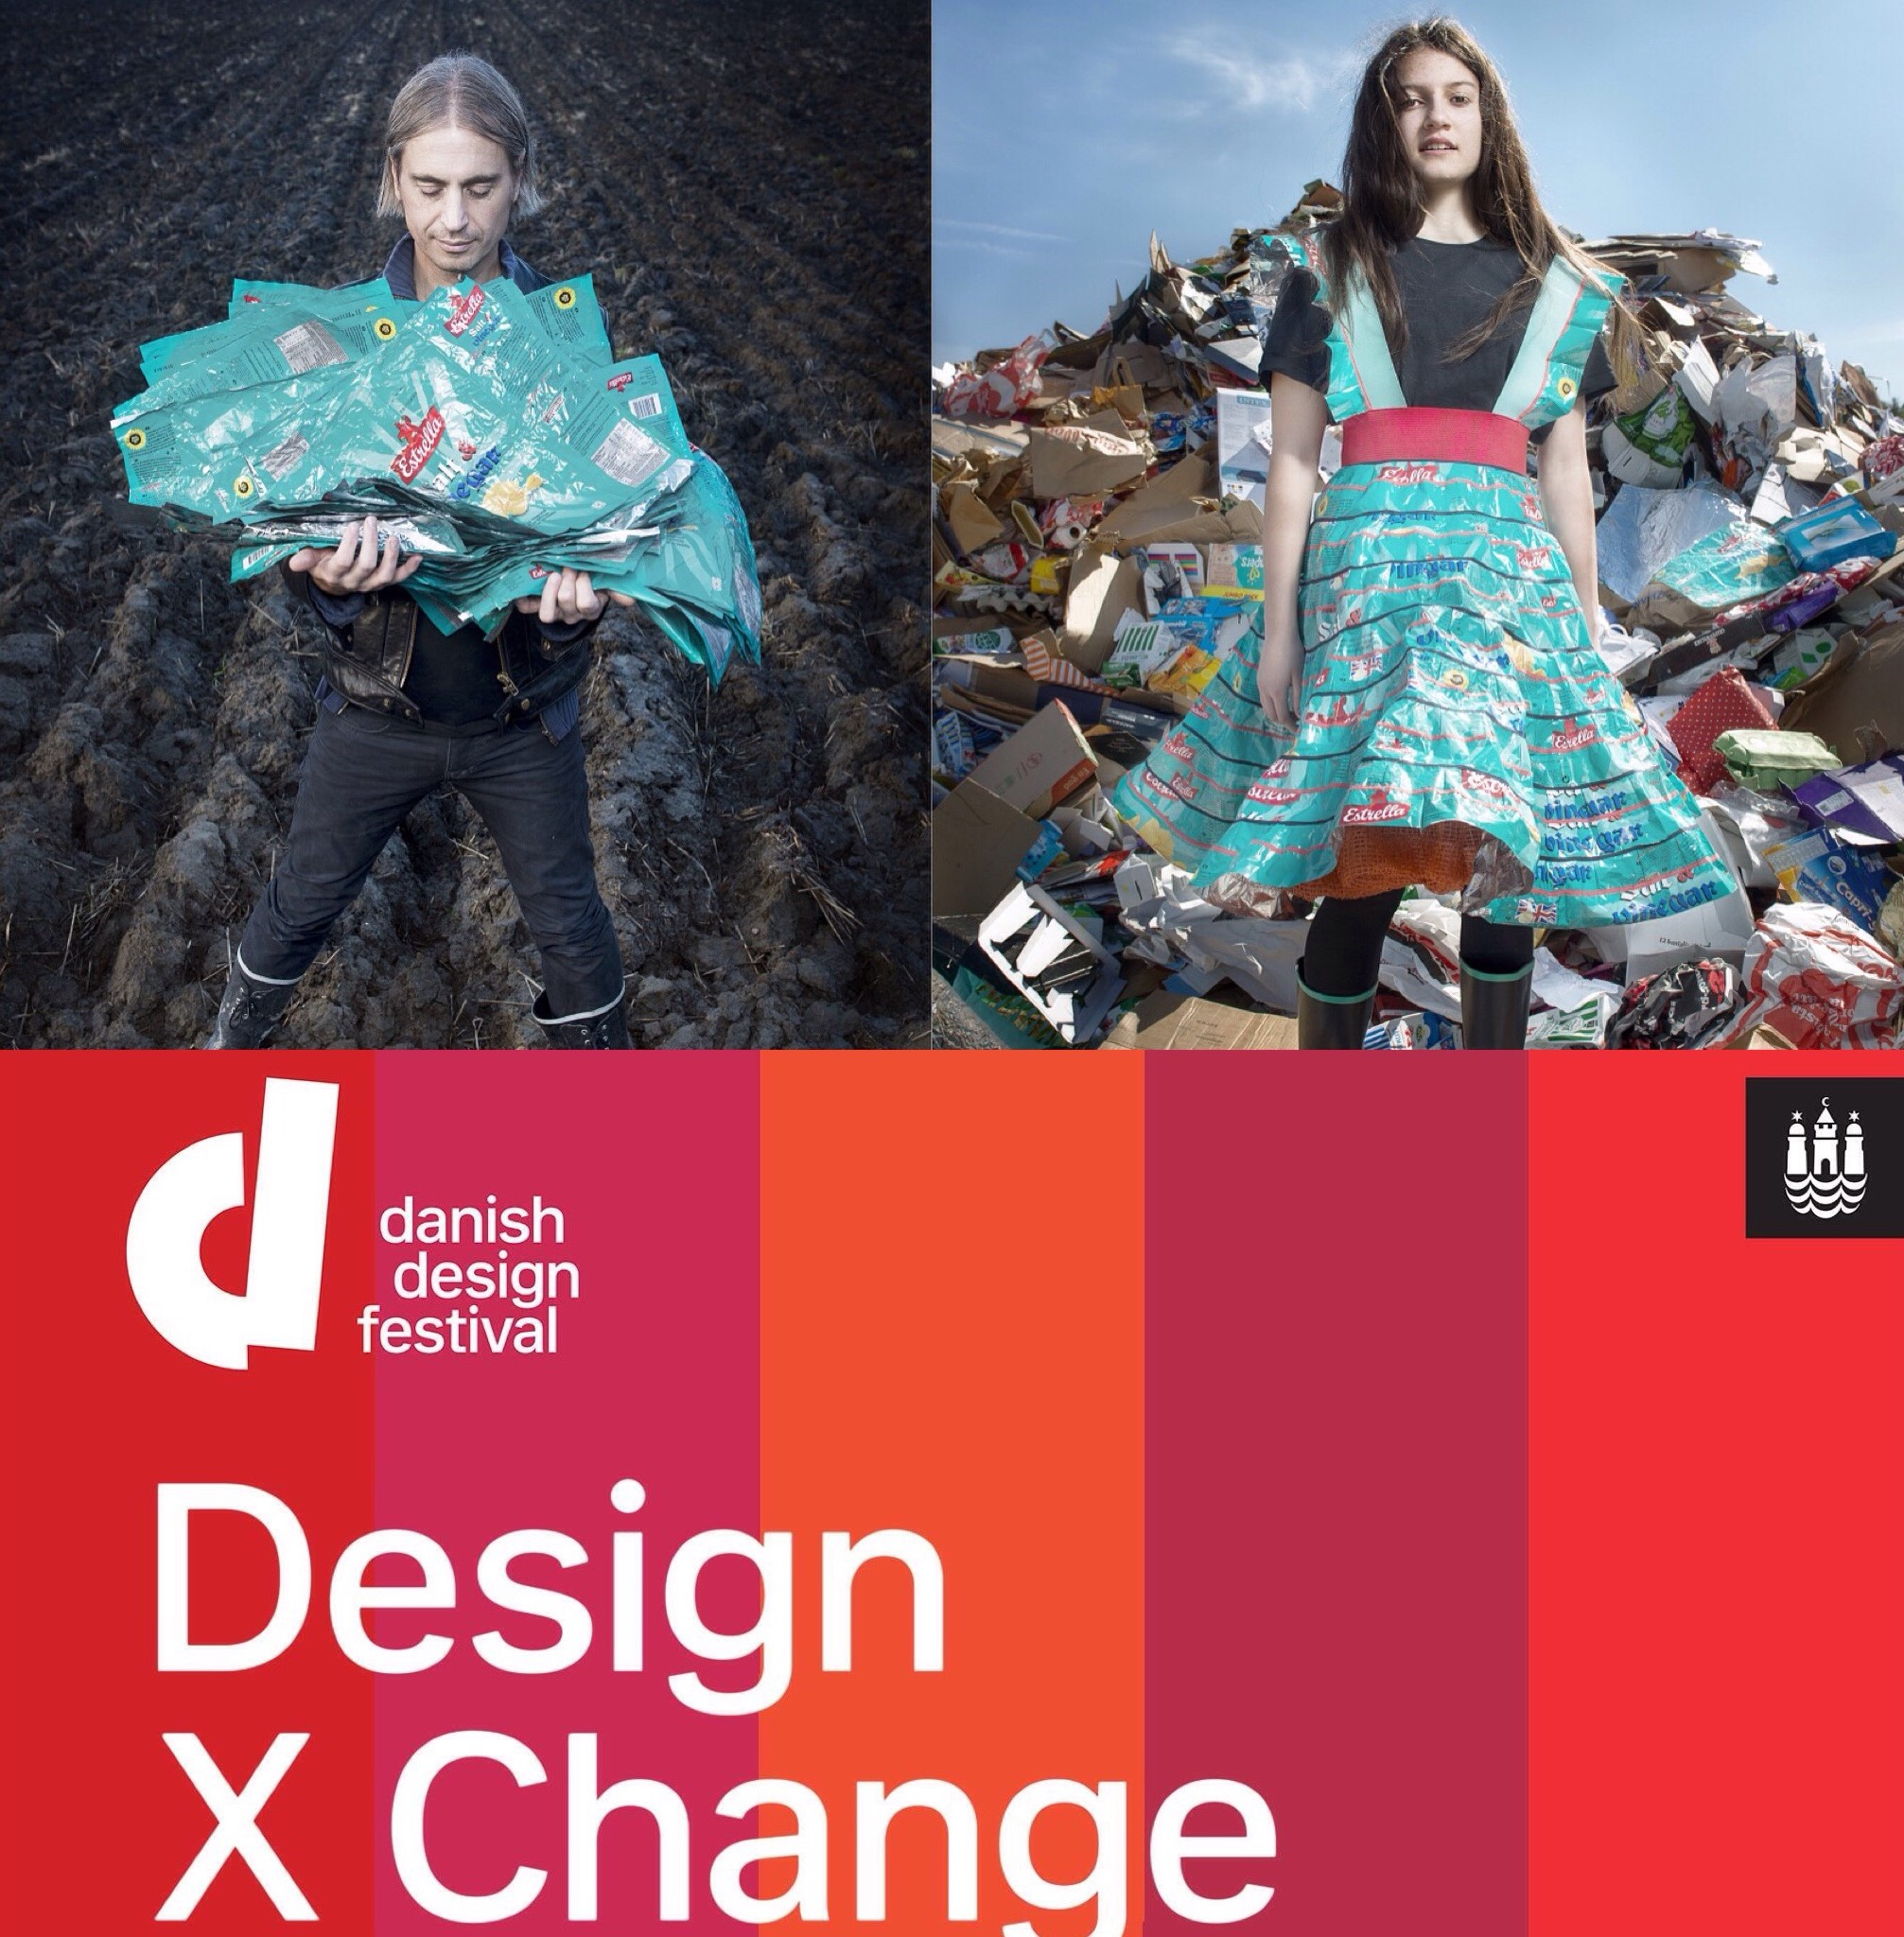 Design X Change